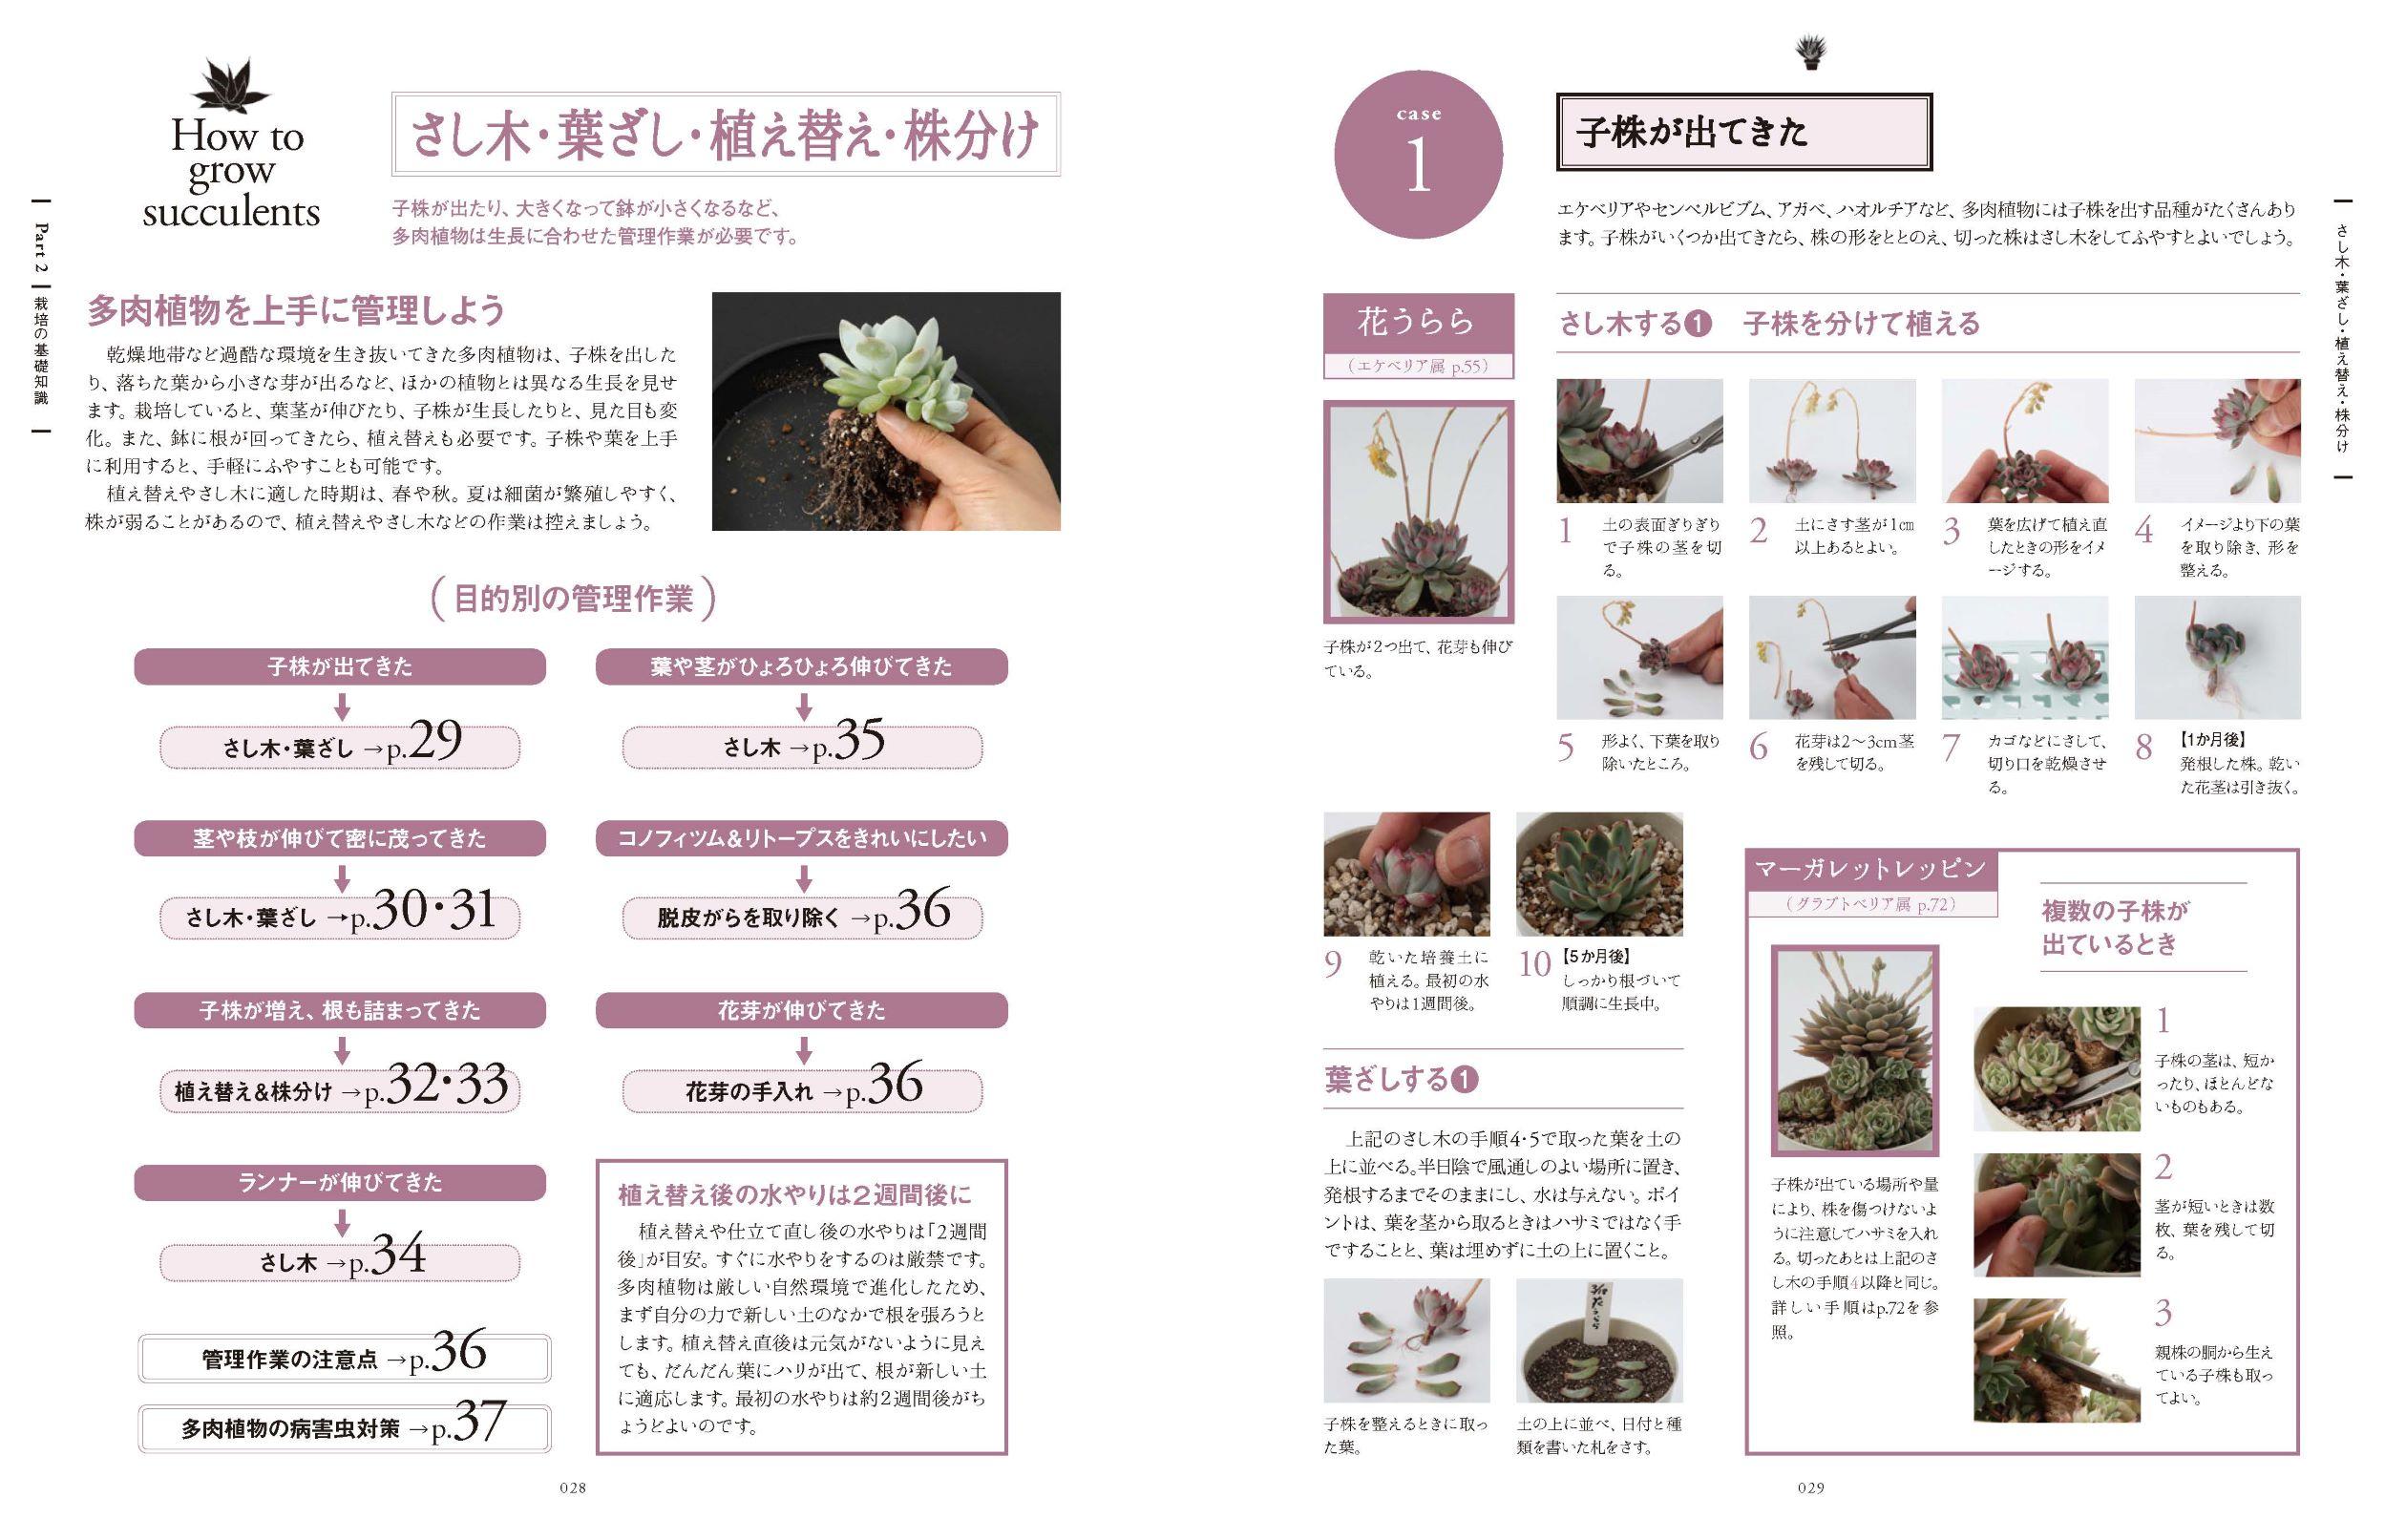 よくわかる多肉植物